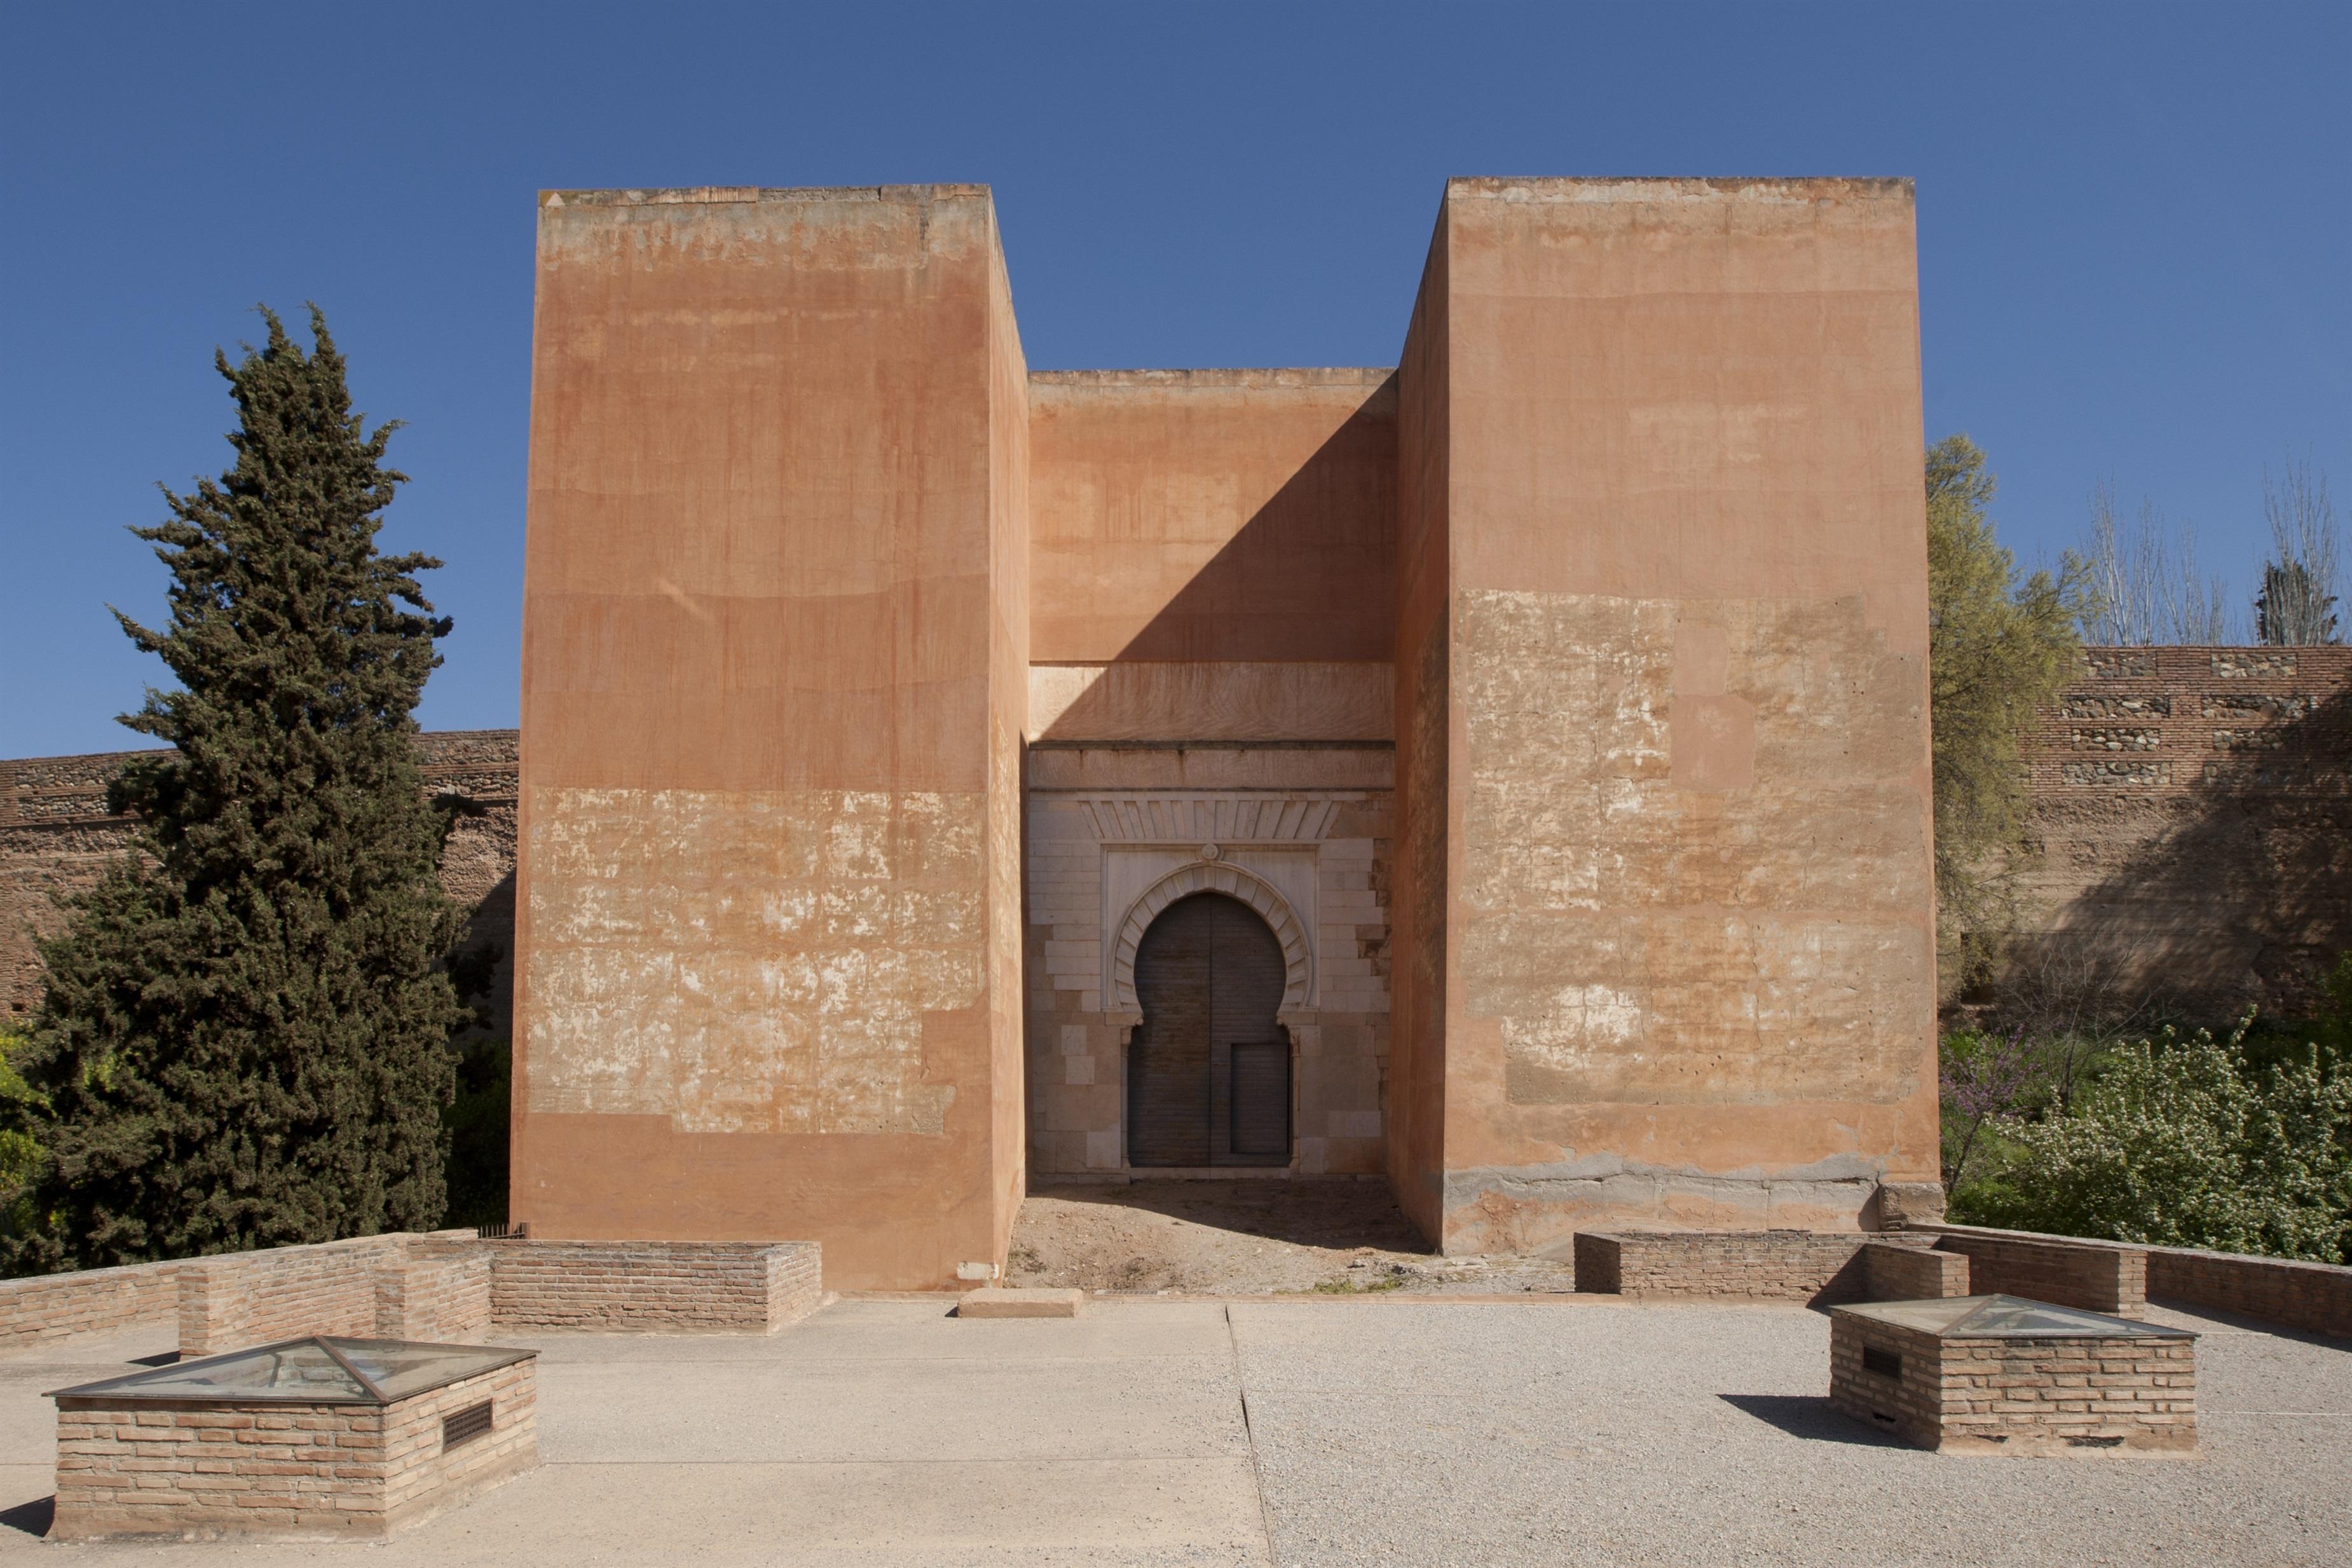 La Puerta de los Siete Suelos de la Alhambra, abierta excepcionalmente al público durante junio